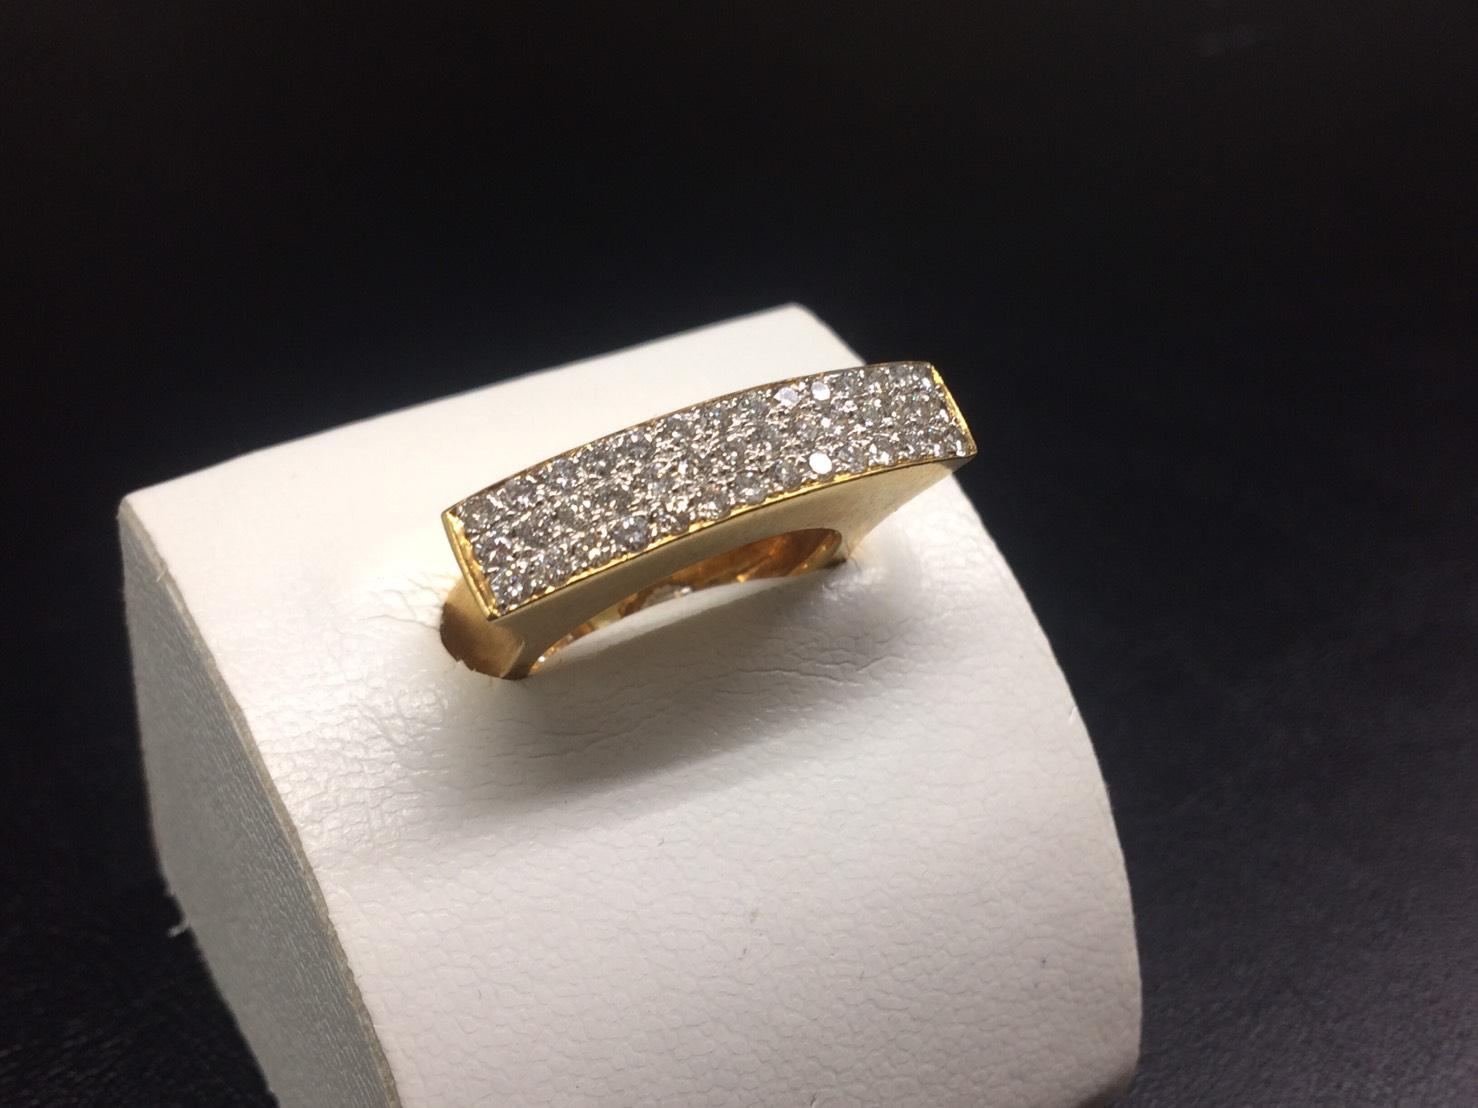 ダイヤモンドリング K18 0.68ct 12.7g 高価買取 宝石 マルカ